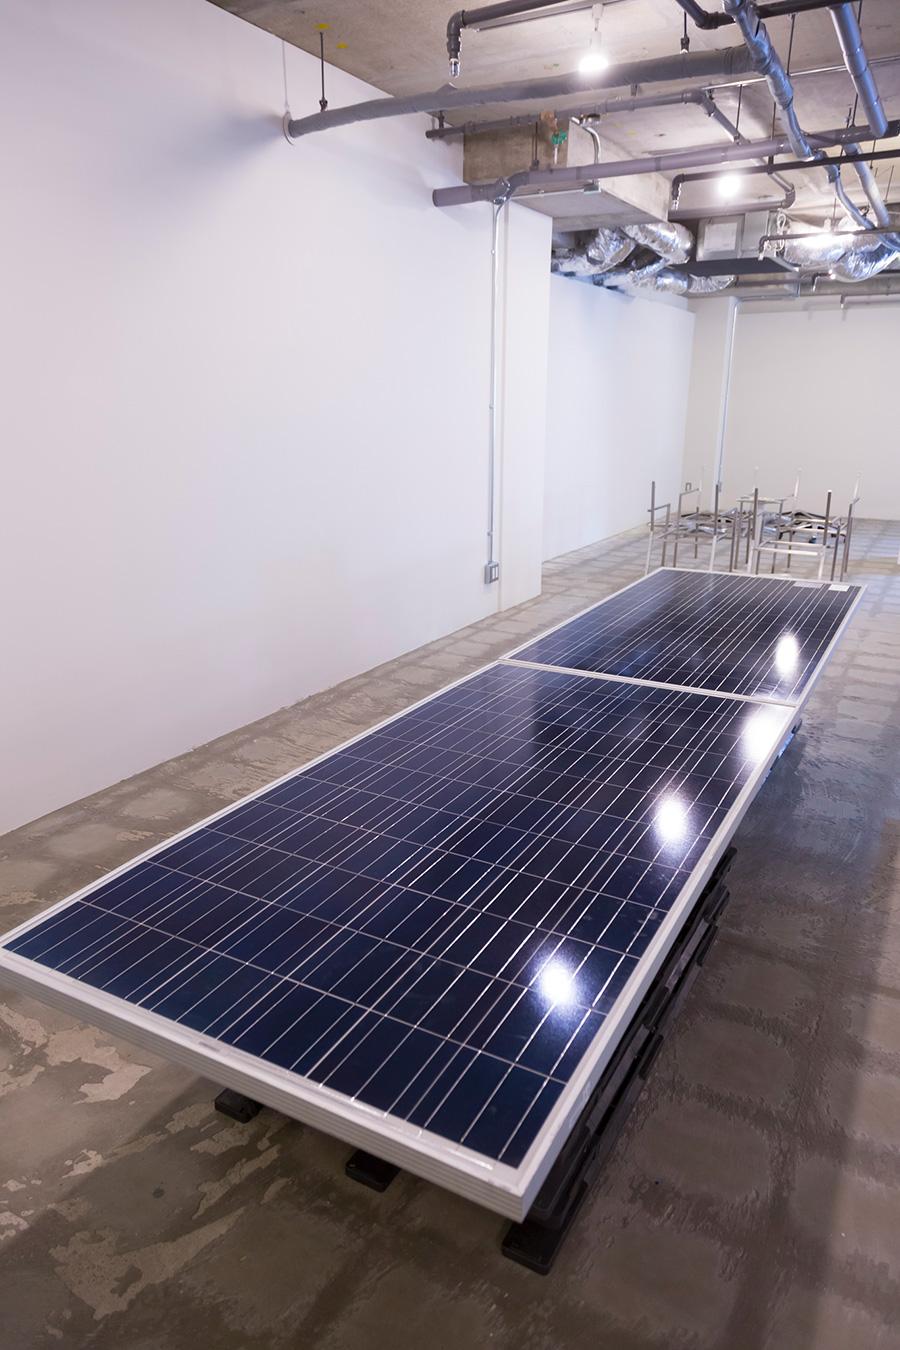 [SOLAR TABLEの材料]耐用年数を迎えたソーラーパネルが、今後大量に産業廃棄物となるはずだ。